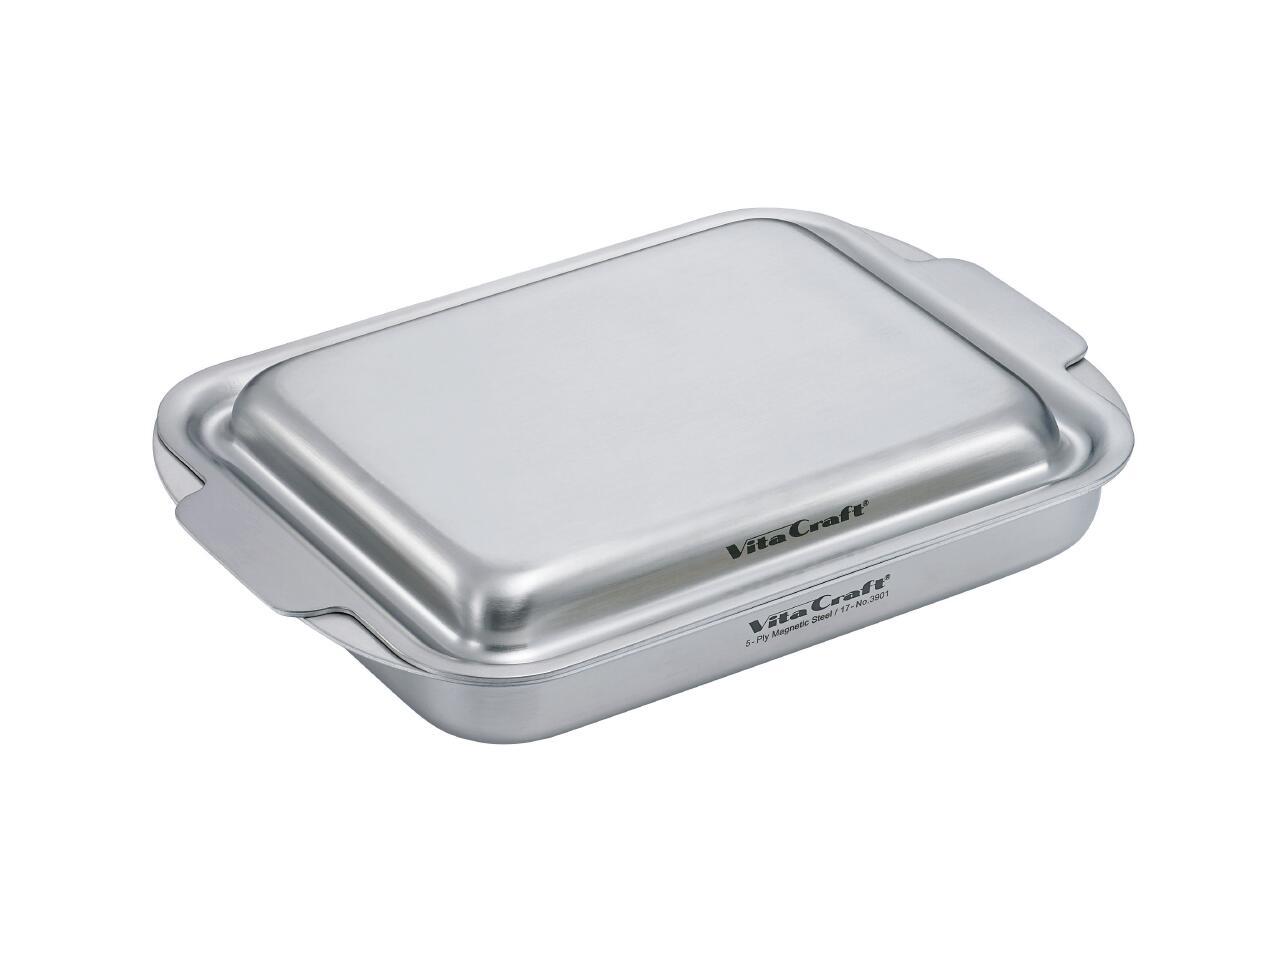 魚焼きグリルやオーブントースターに入れ調理可 メーカー直送 ビタクラフト グリルイングリル 送料無料カード決済可能